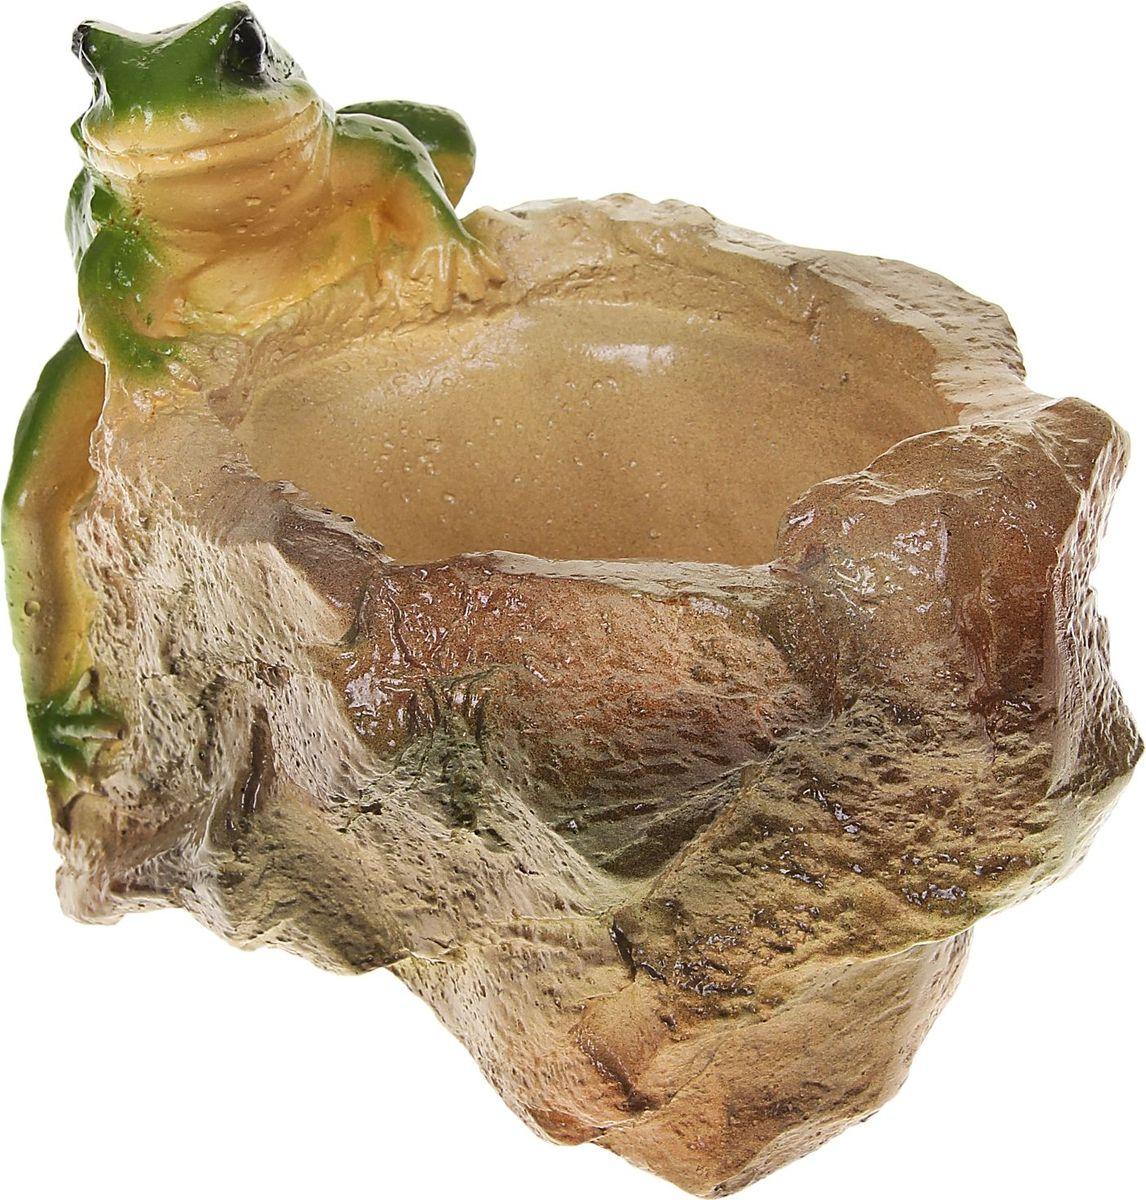 Кашпо Лягушка на камне, 12 х 21 х 25 см1074224